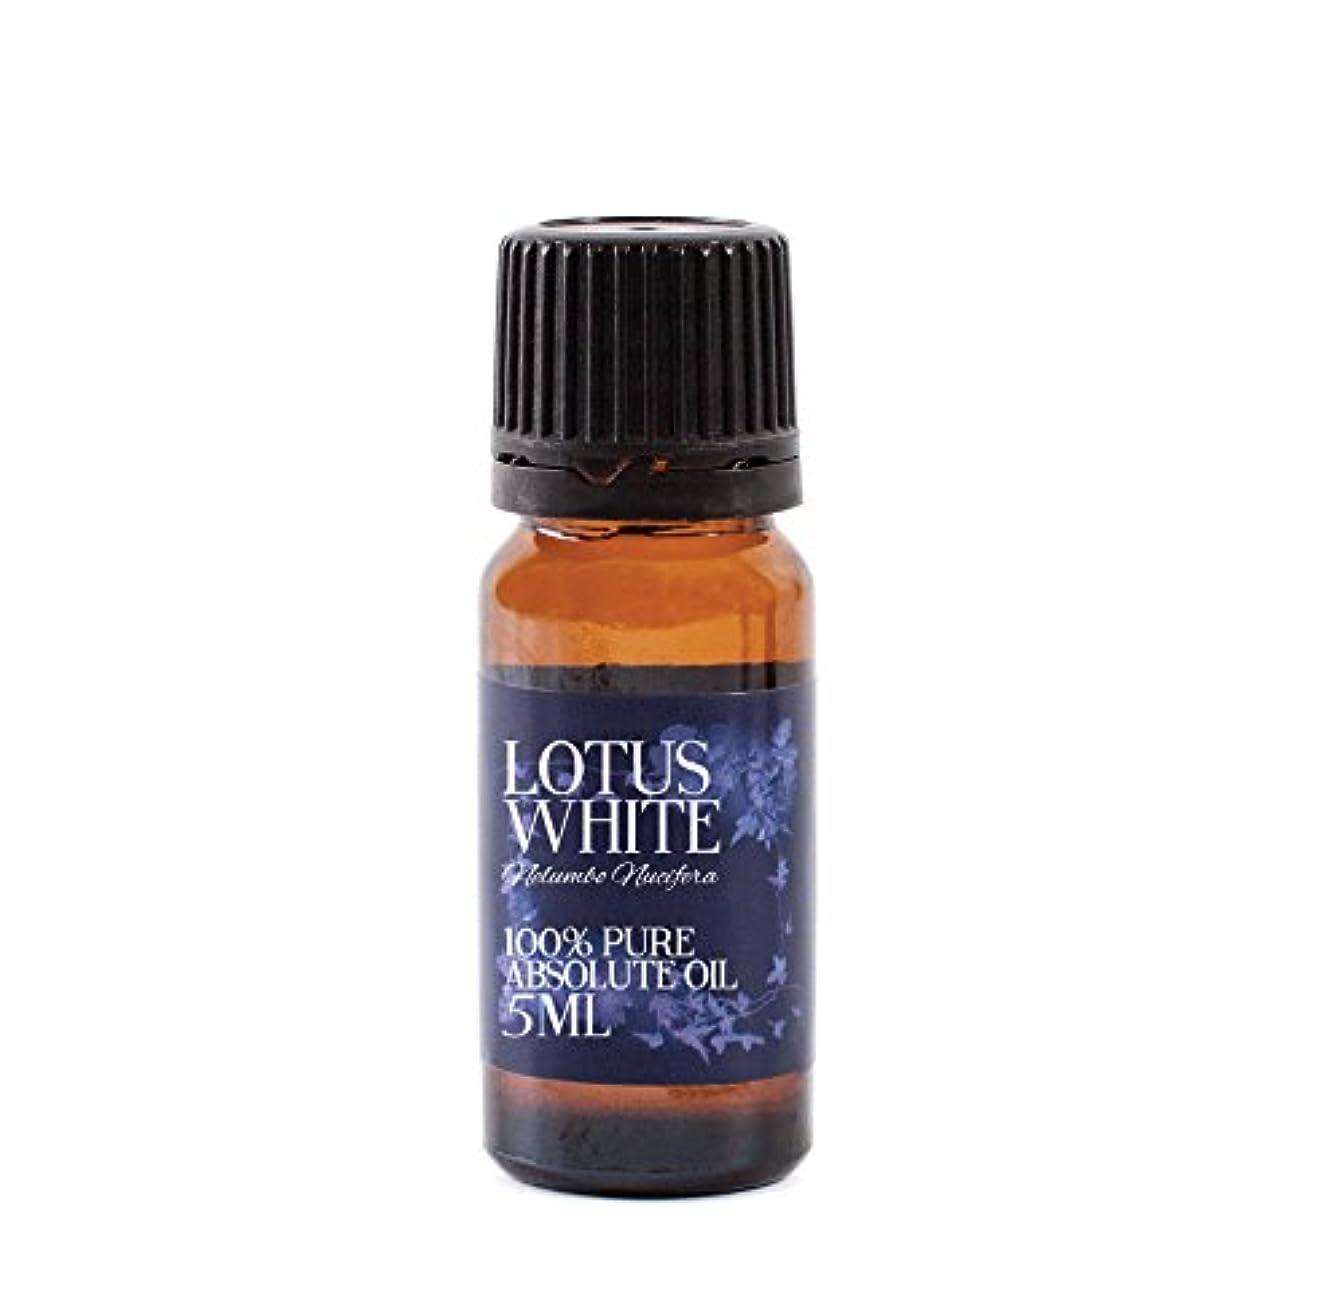 社説効率ジレンマLotus White Absolute 5ml - 100% Pure